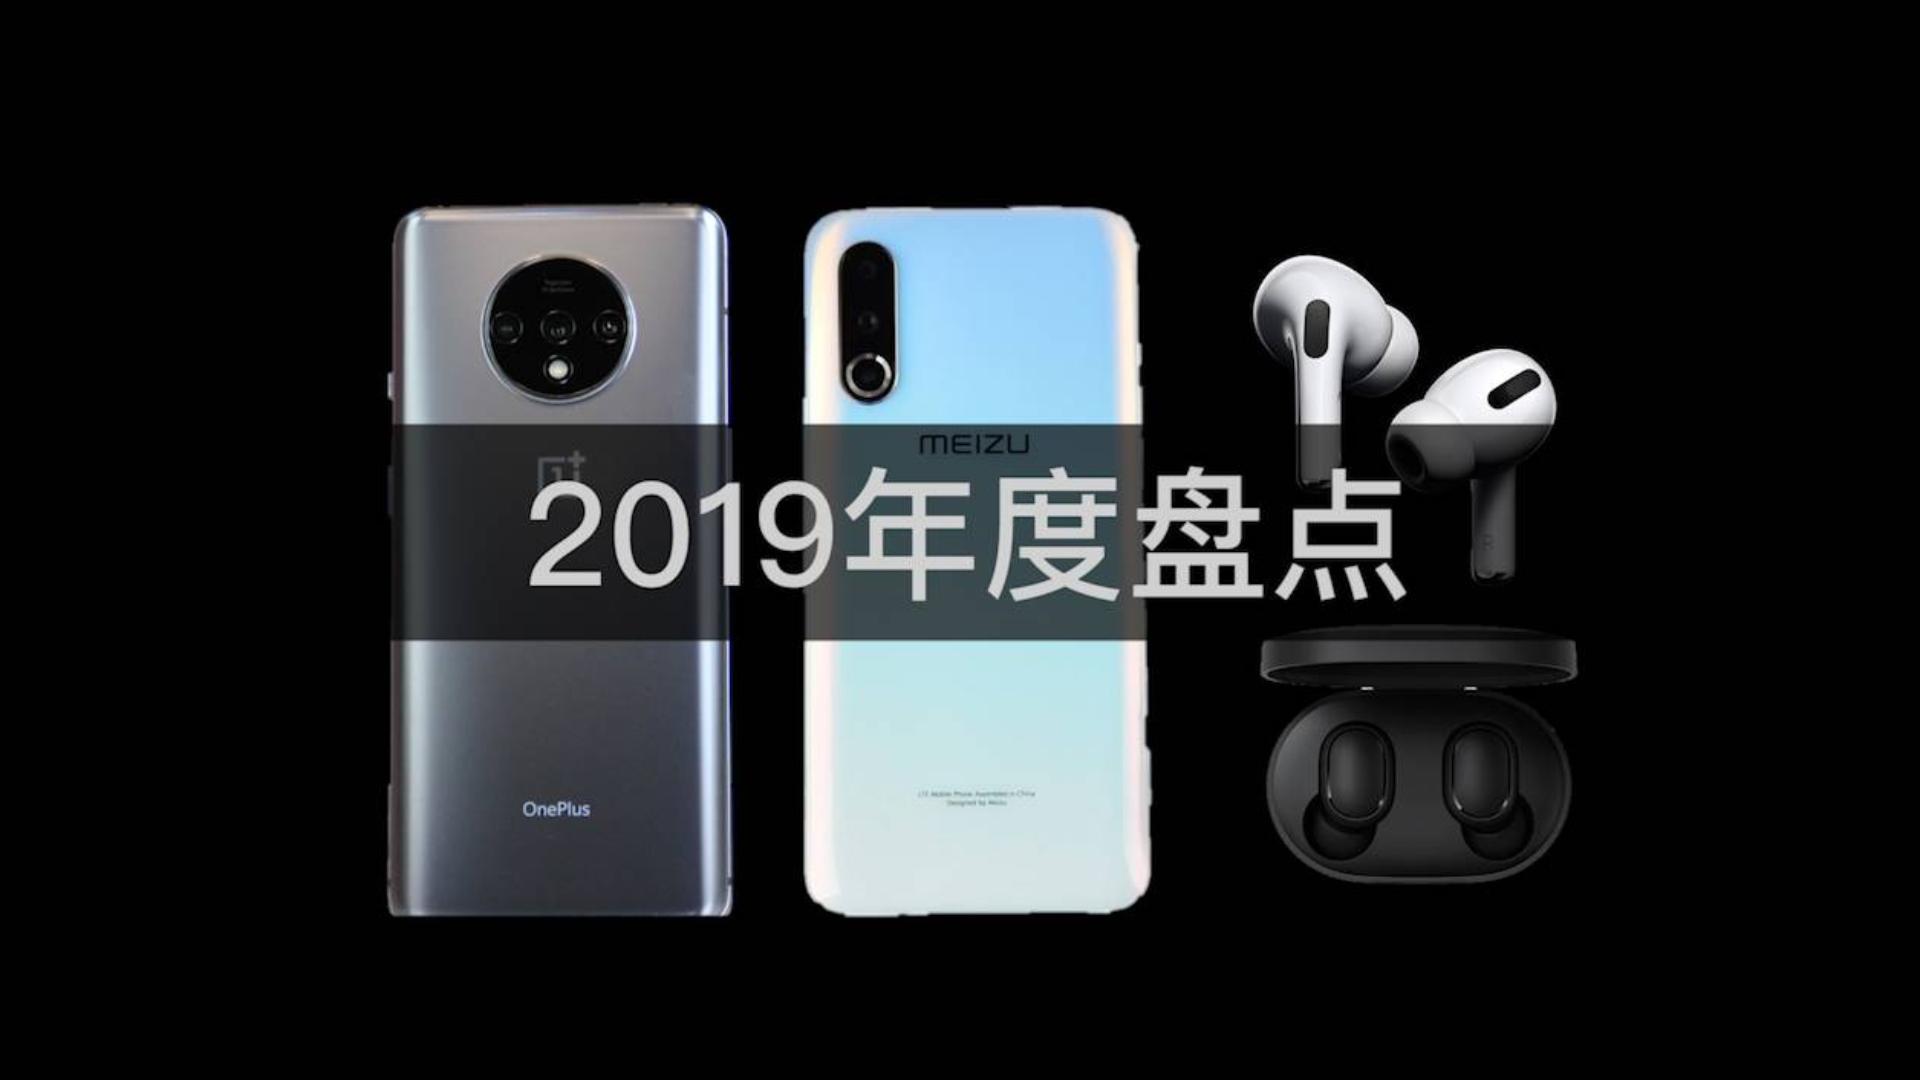 【笔沫科技】2019年度手机、耳机盘点